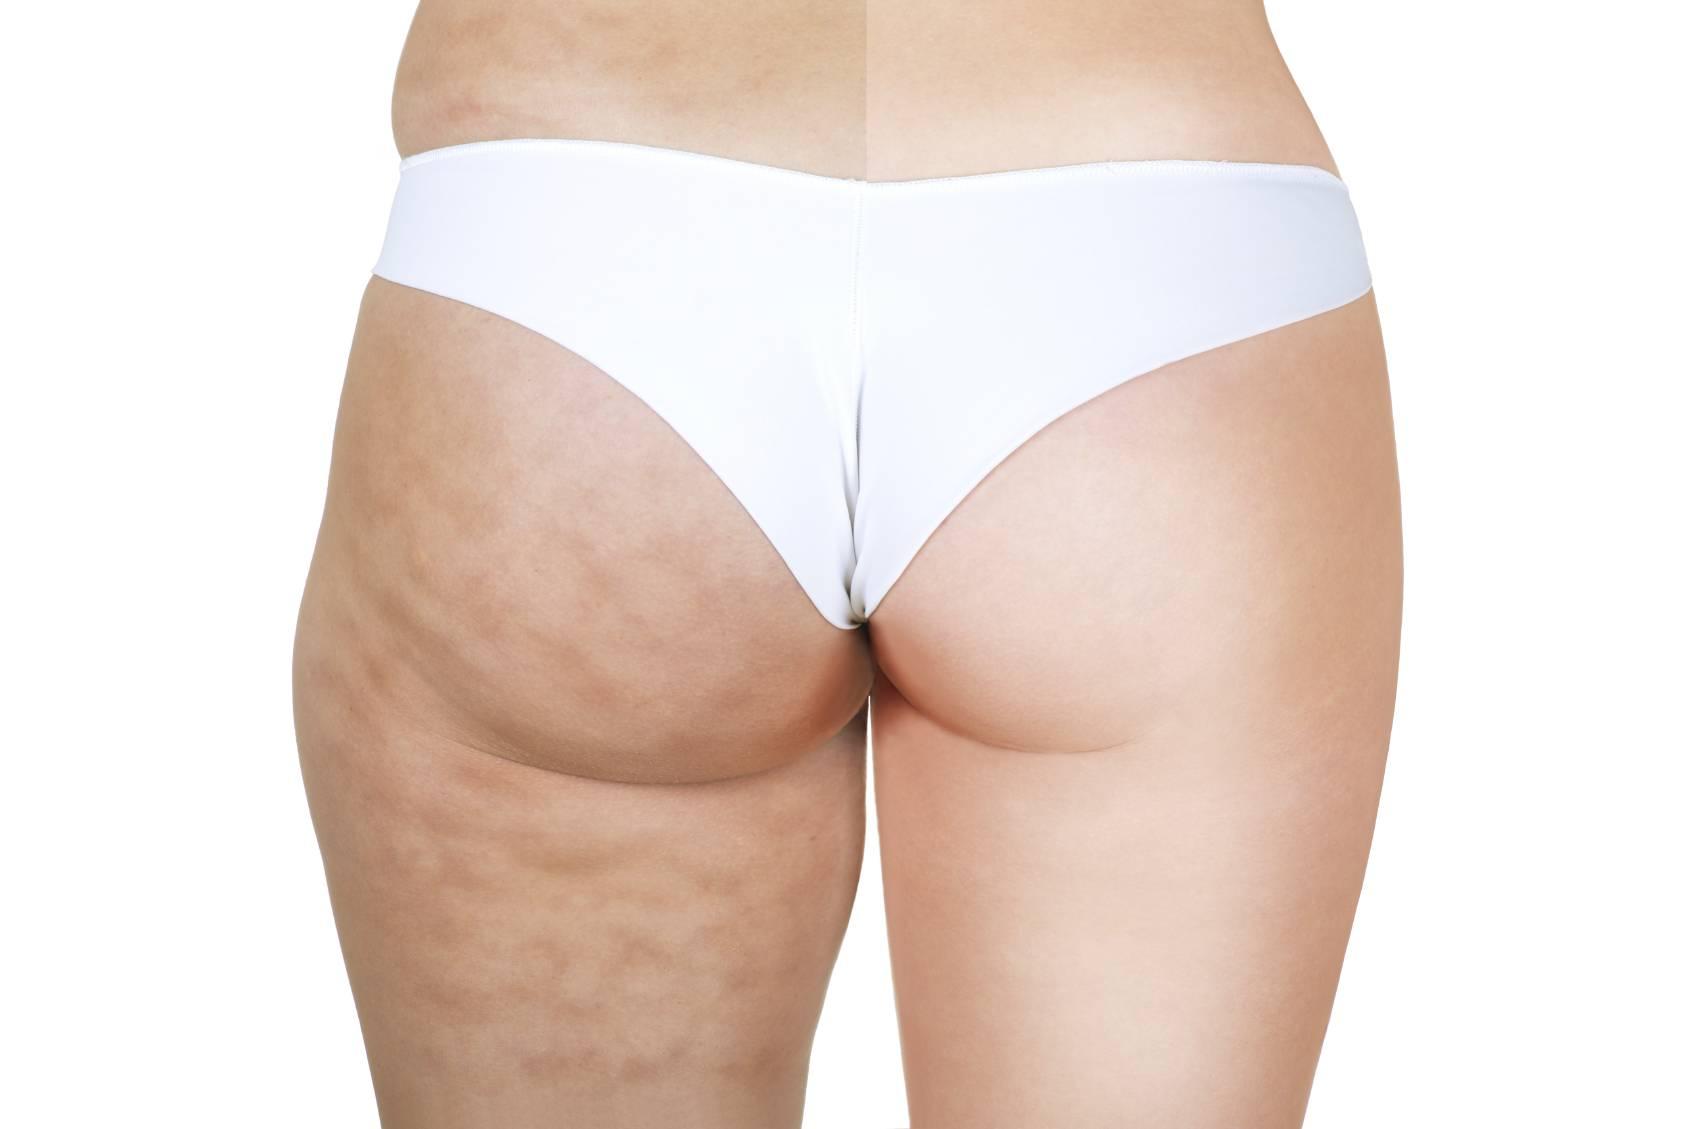 Come si elimina la cellulite?